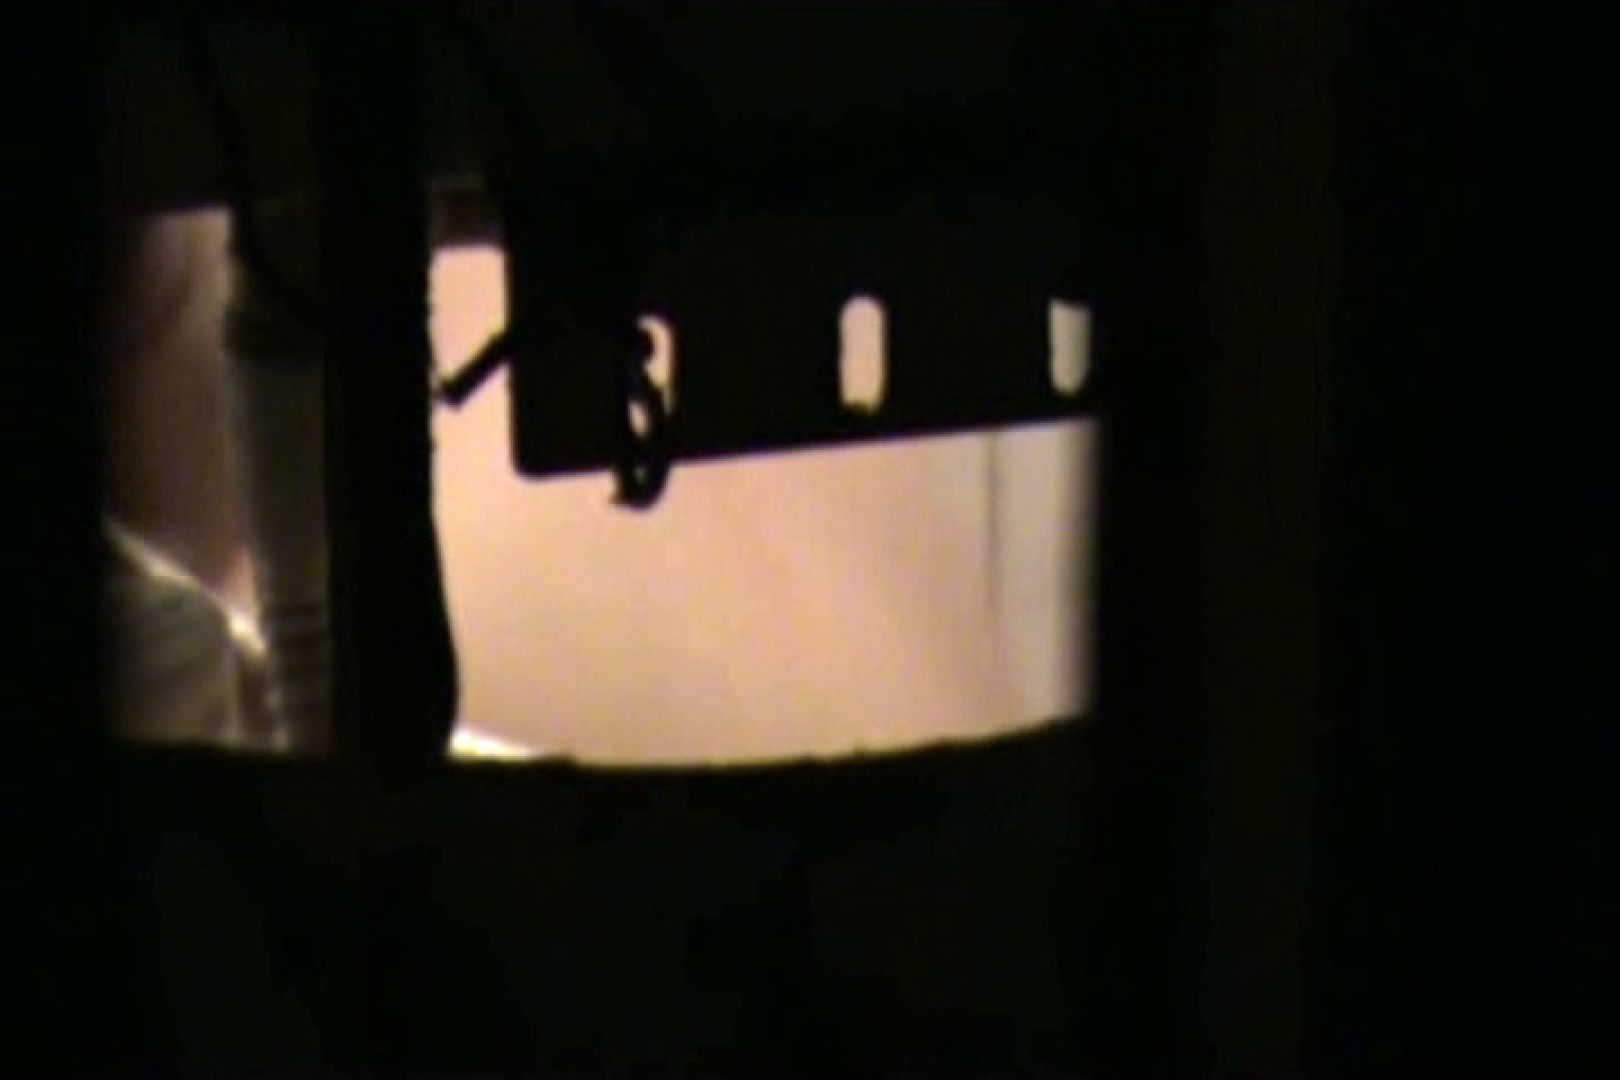 ぼっとん洗面所スペシャルVol.3 高画質 | 洗面所  92pic 13